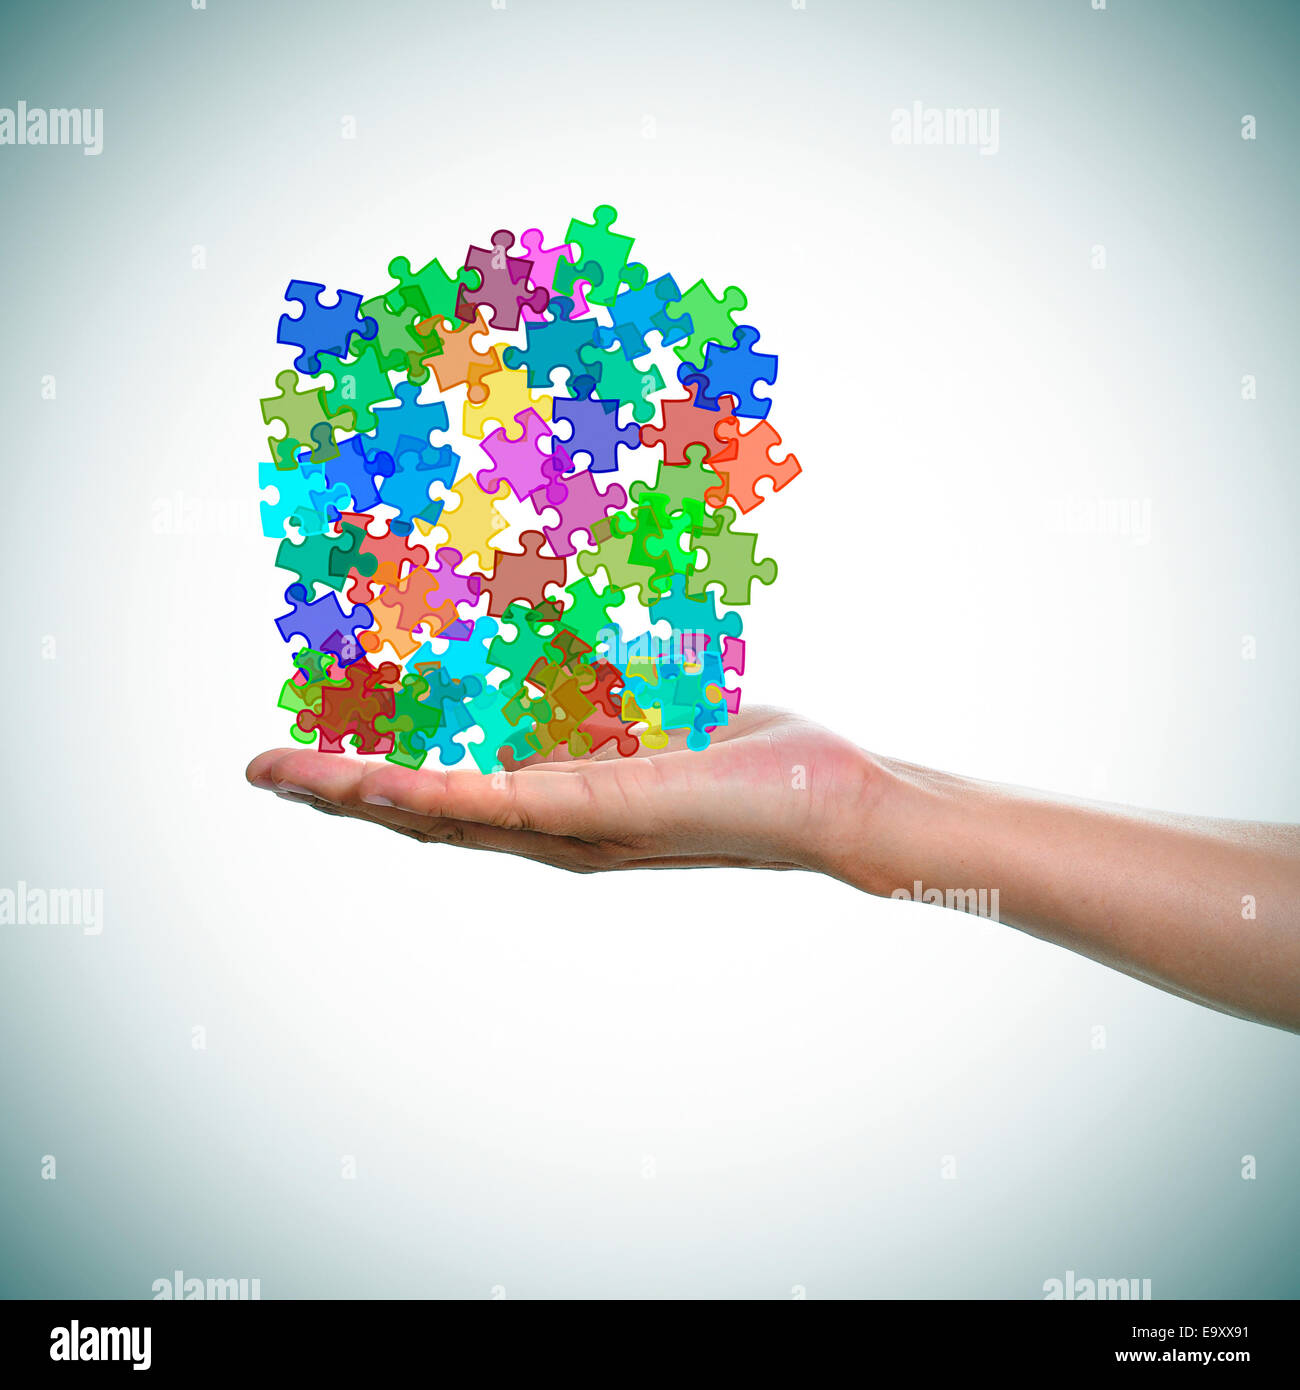 Mano de un hombre con un montón de piezas de un rompecabezas de colores diferentes como el símbolo de Imagen De Stock